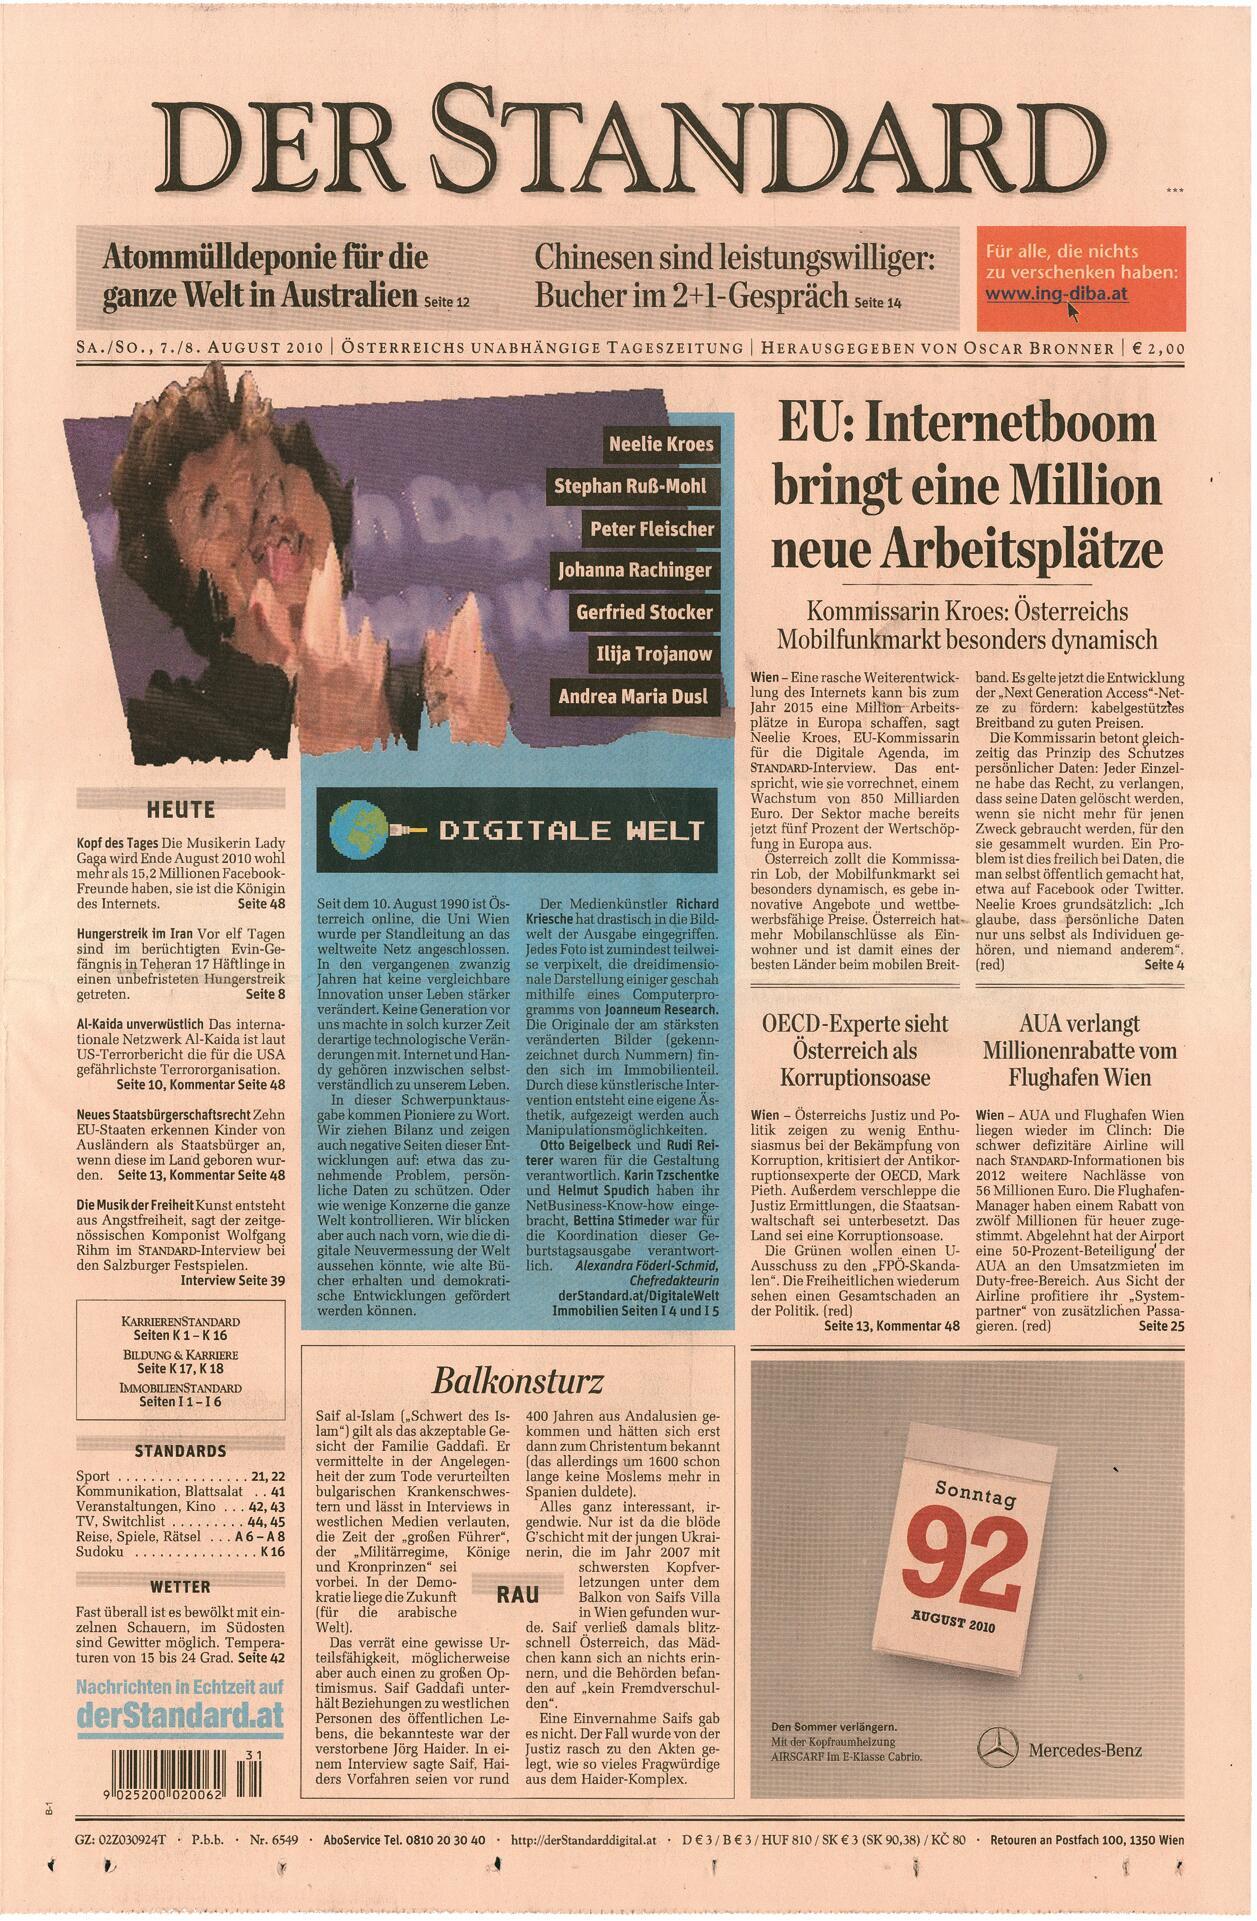 medienblock_kriesche_62-13a